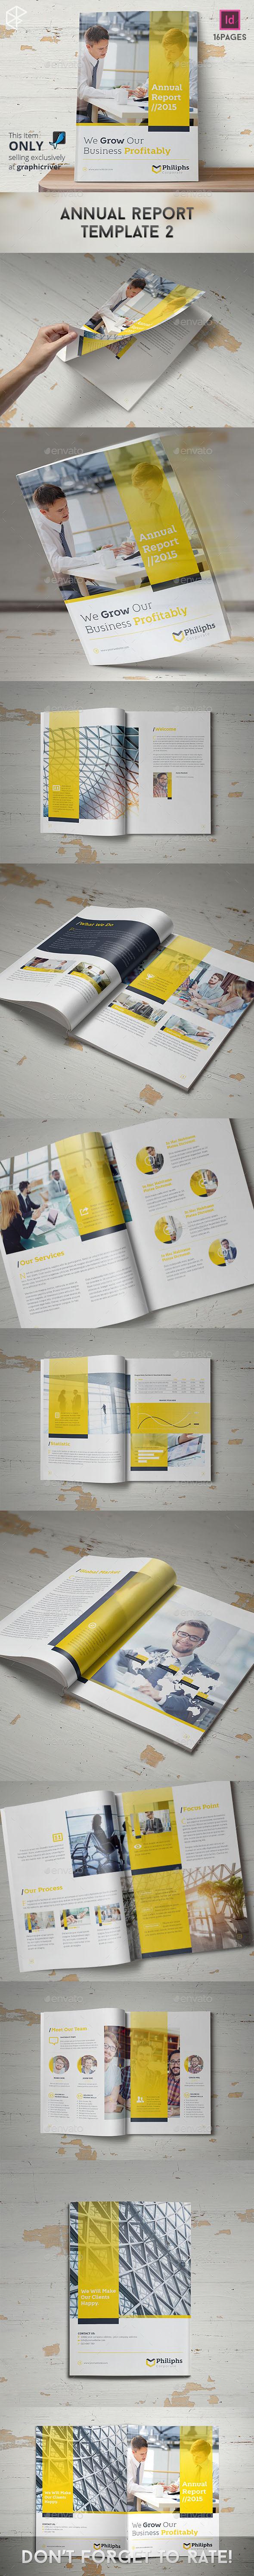 GraphicRiver Annual Report Template 2 11428596